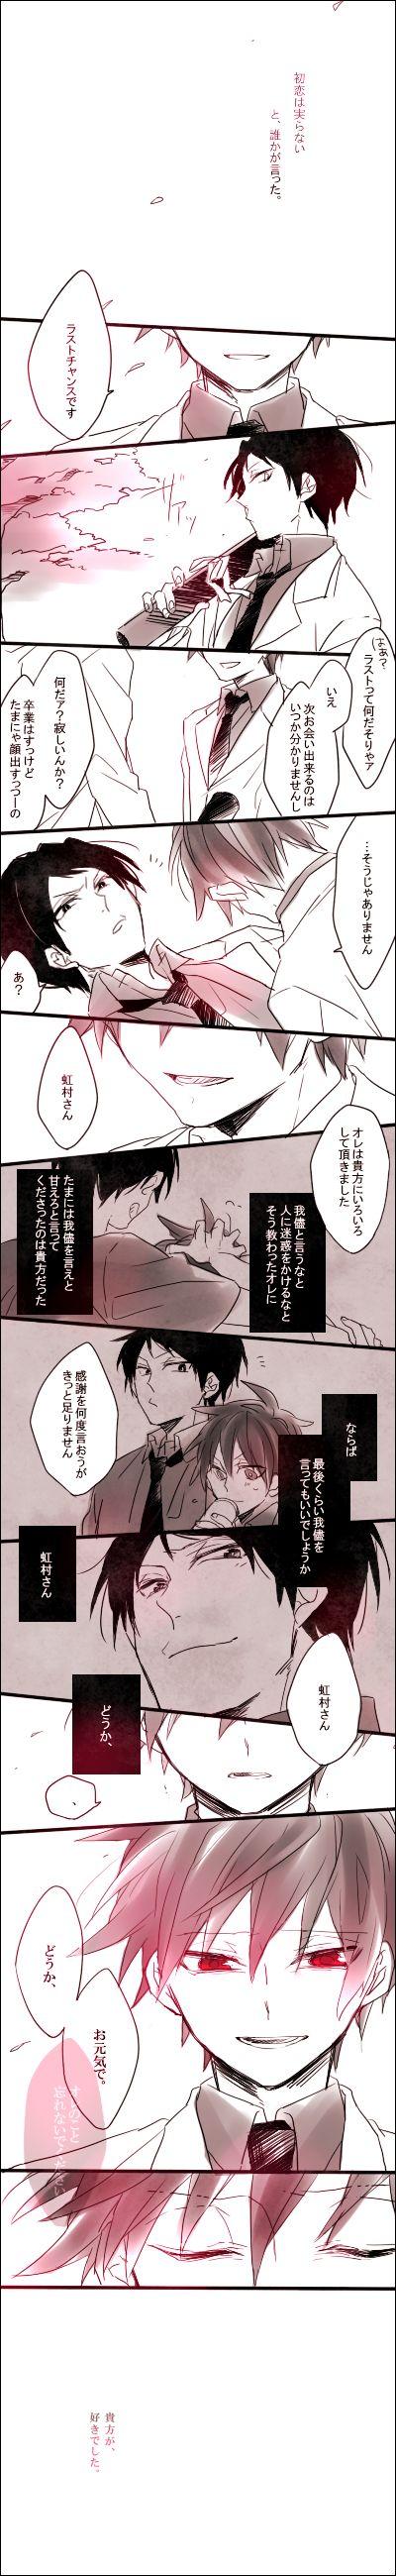 「虹赤詰め」/「ゆた」の漫画 [pixiv]